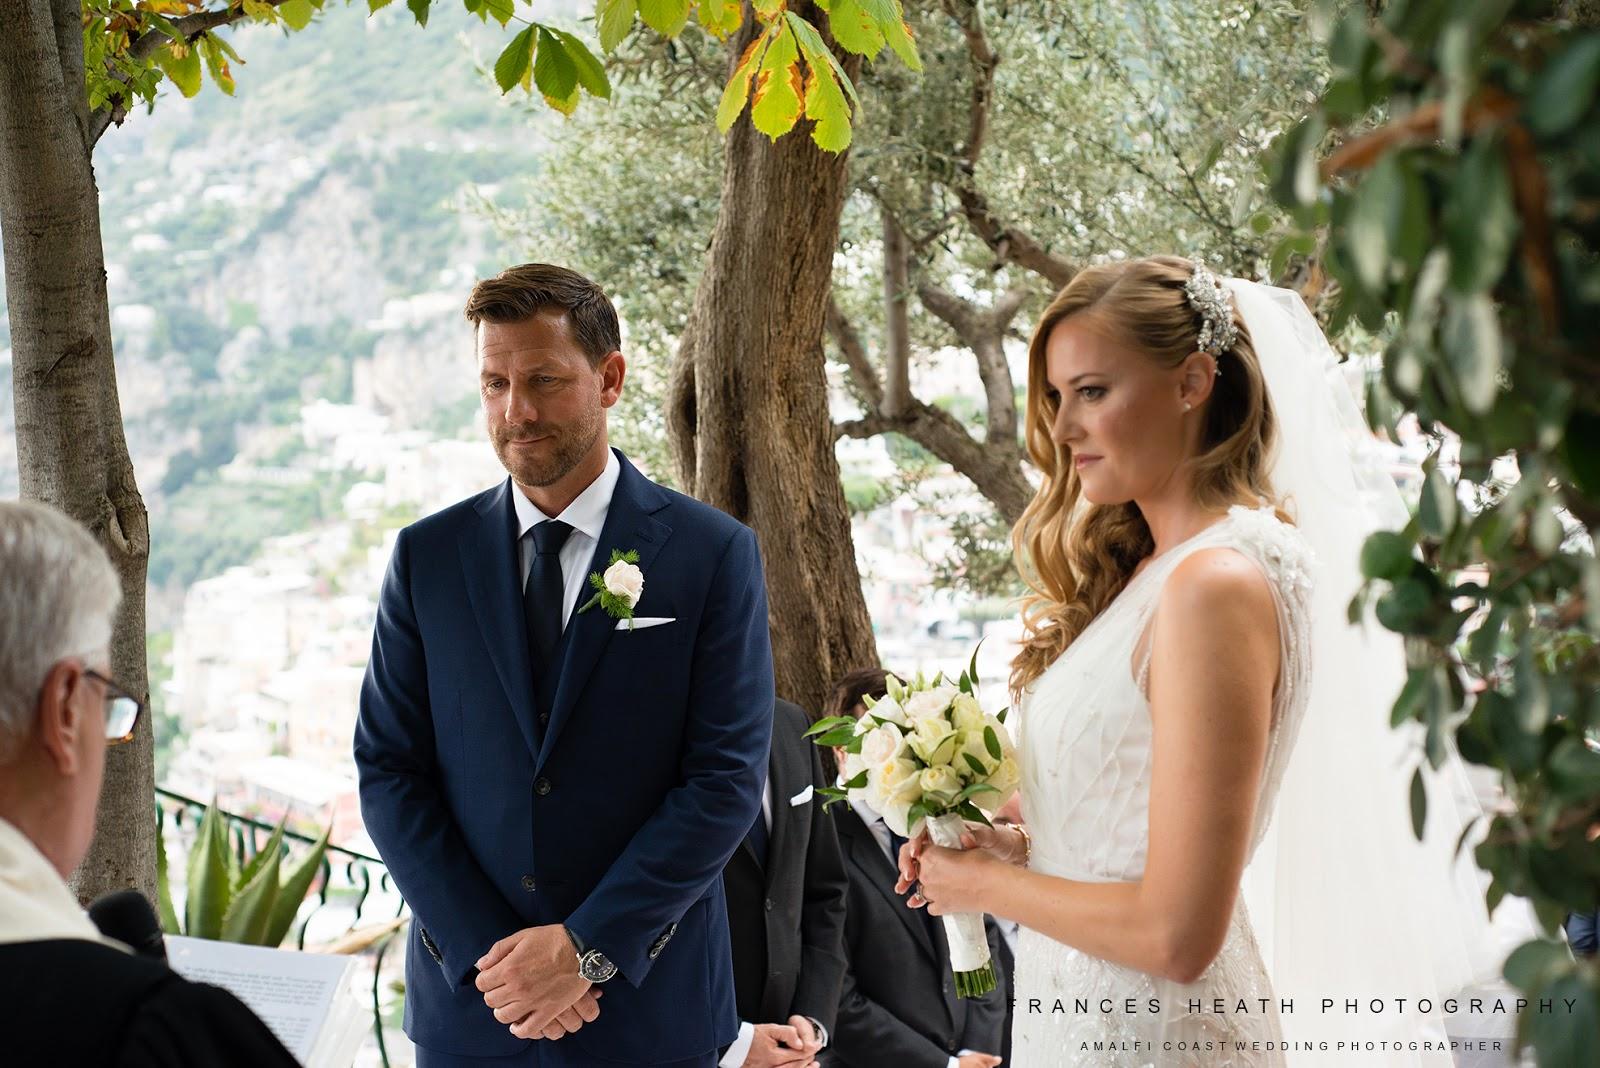 Religious wedding ceremony at Villa Oliviero